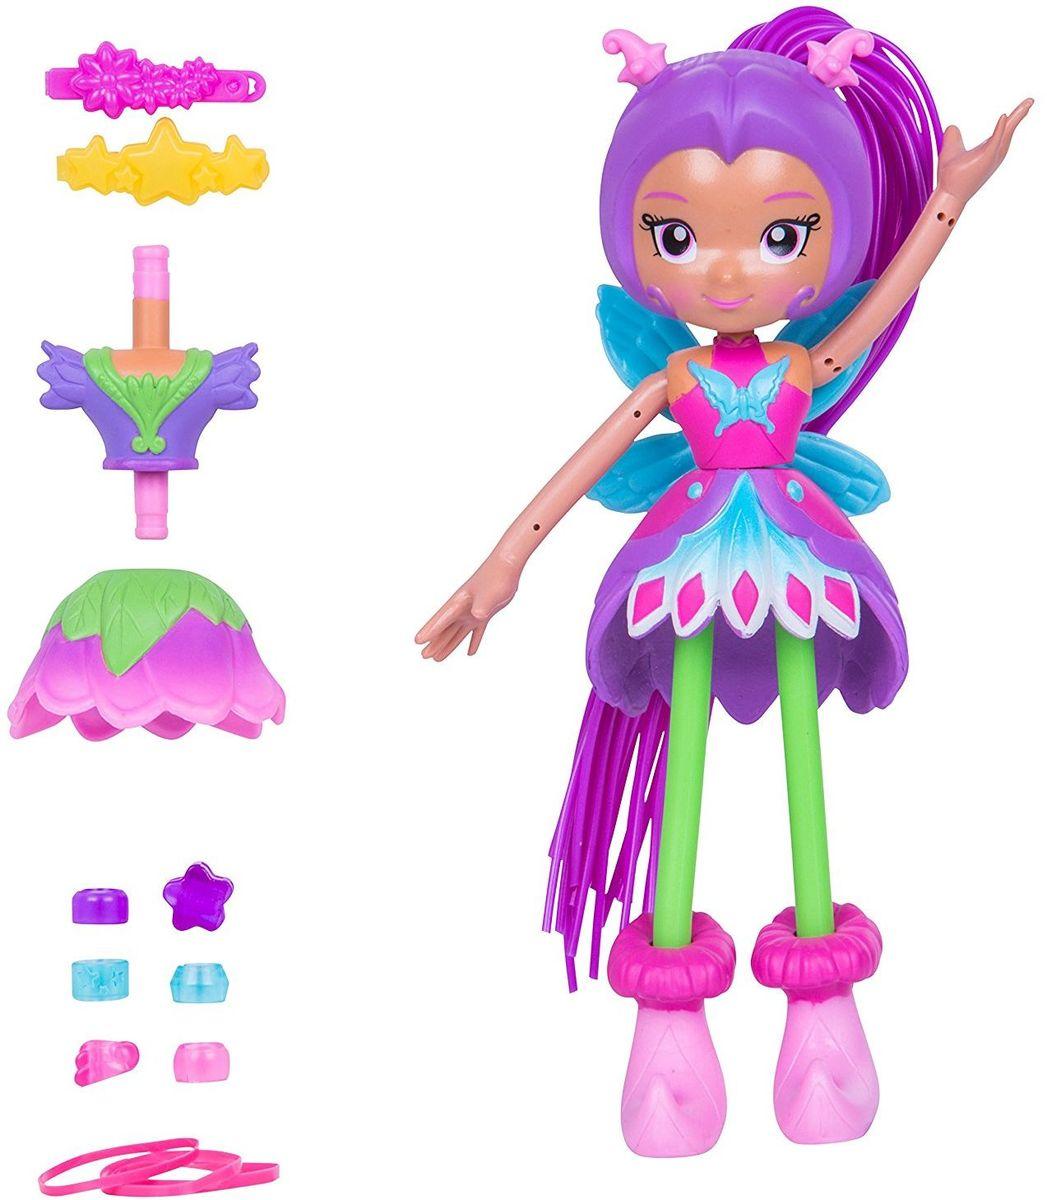 Moose Мини-кукла Бабочка Люси59012/ast59016Мини-кукла Moose Бабочка Люси выглядит ярко и привлекательно. Яркий костюм бабочки выполнен в розовом, фиолетовом и голубом цветах. На спине куклы находятся красивые голубые крылышки. Длинные волосы куклы можно отстегивать. При помощи входящих в комплект заколок, резинок и бусин кукле можно делать всевозможные прически. Благодаря съемным деталям одежды из бабочки Люси легко можно сделать цветочную Люси в юбке, напоминающей цветок. Руки и ноги Люси могут гнуться, что является особенностью серии Betty Spaghetty.